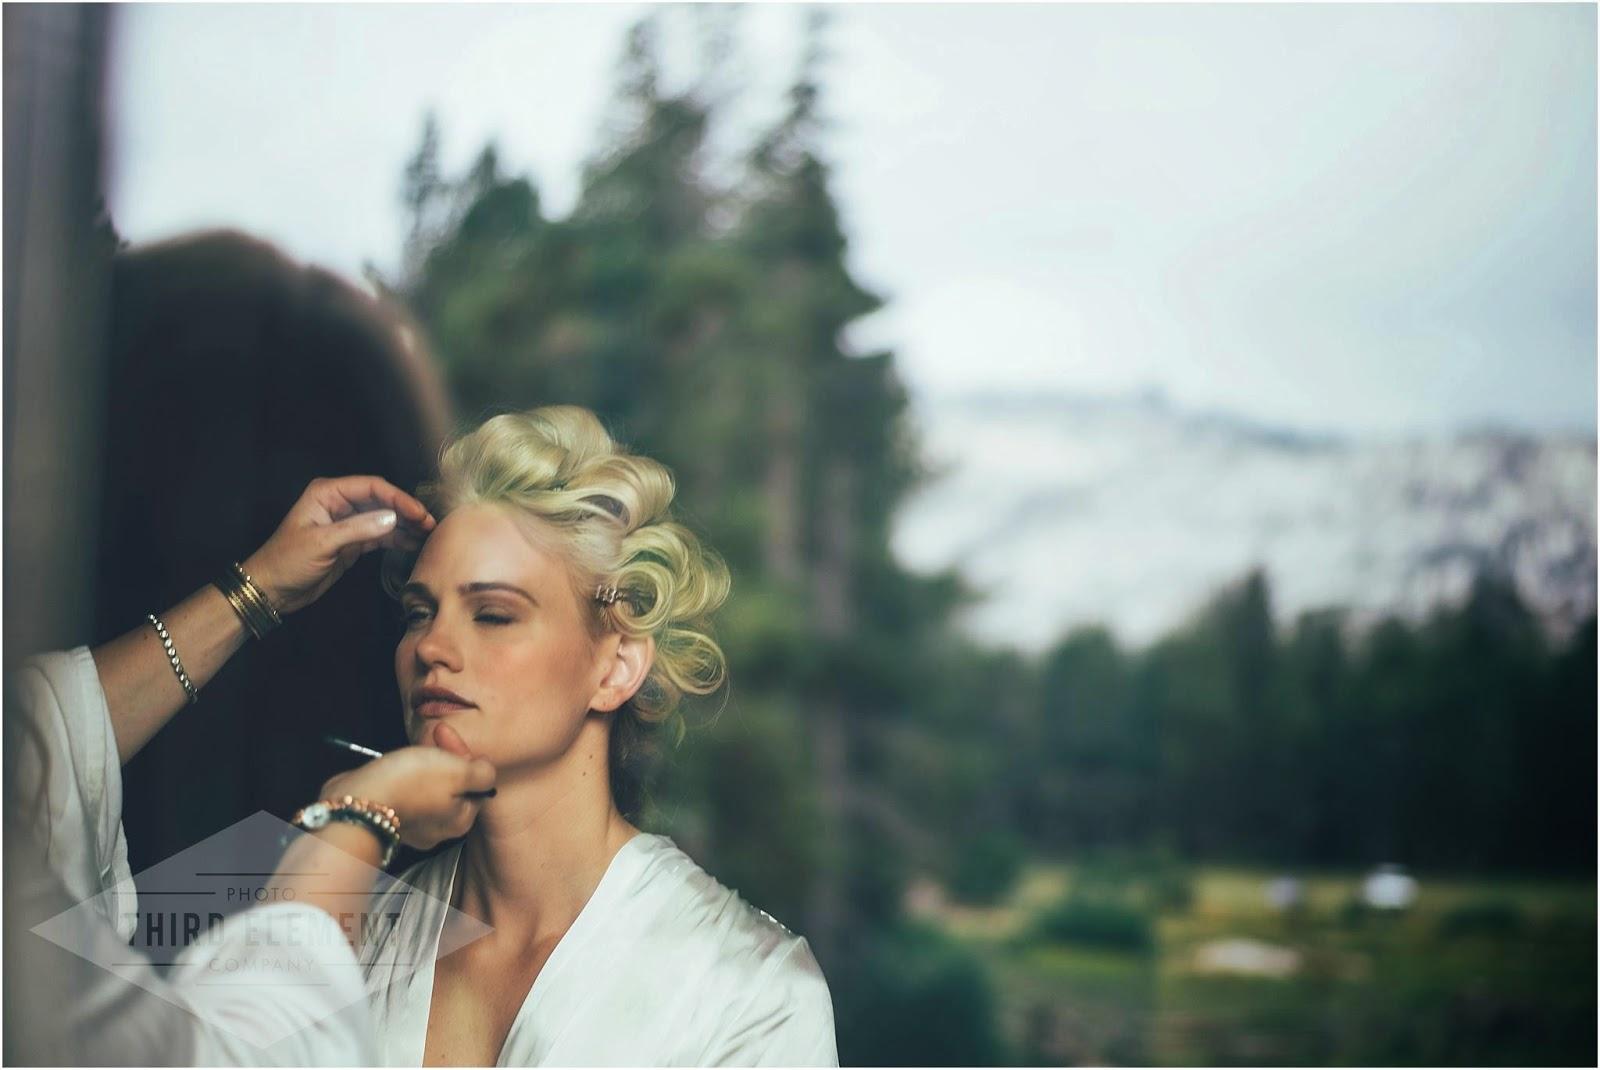 wedding hair and makeup sacramento | amatmakeup.co